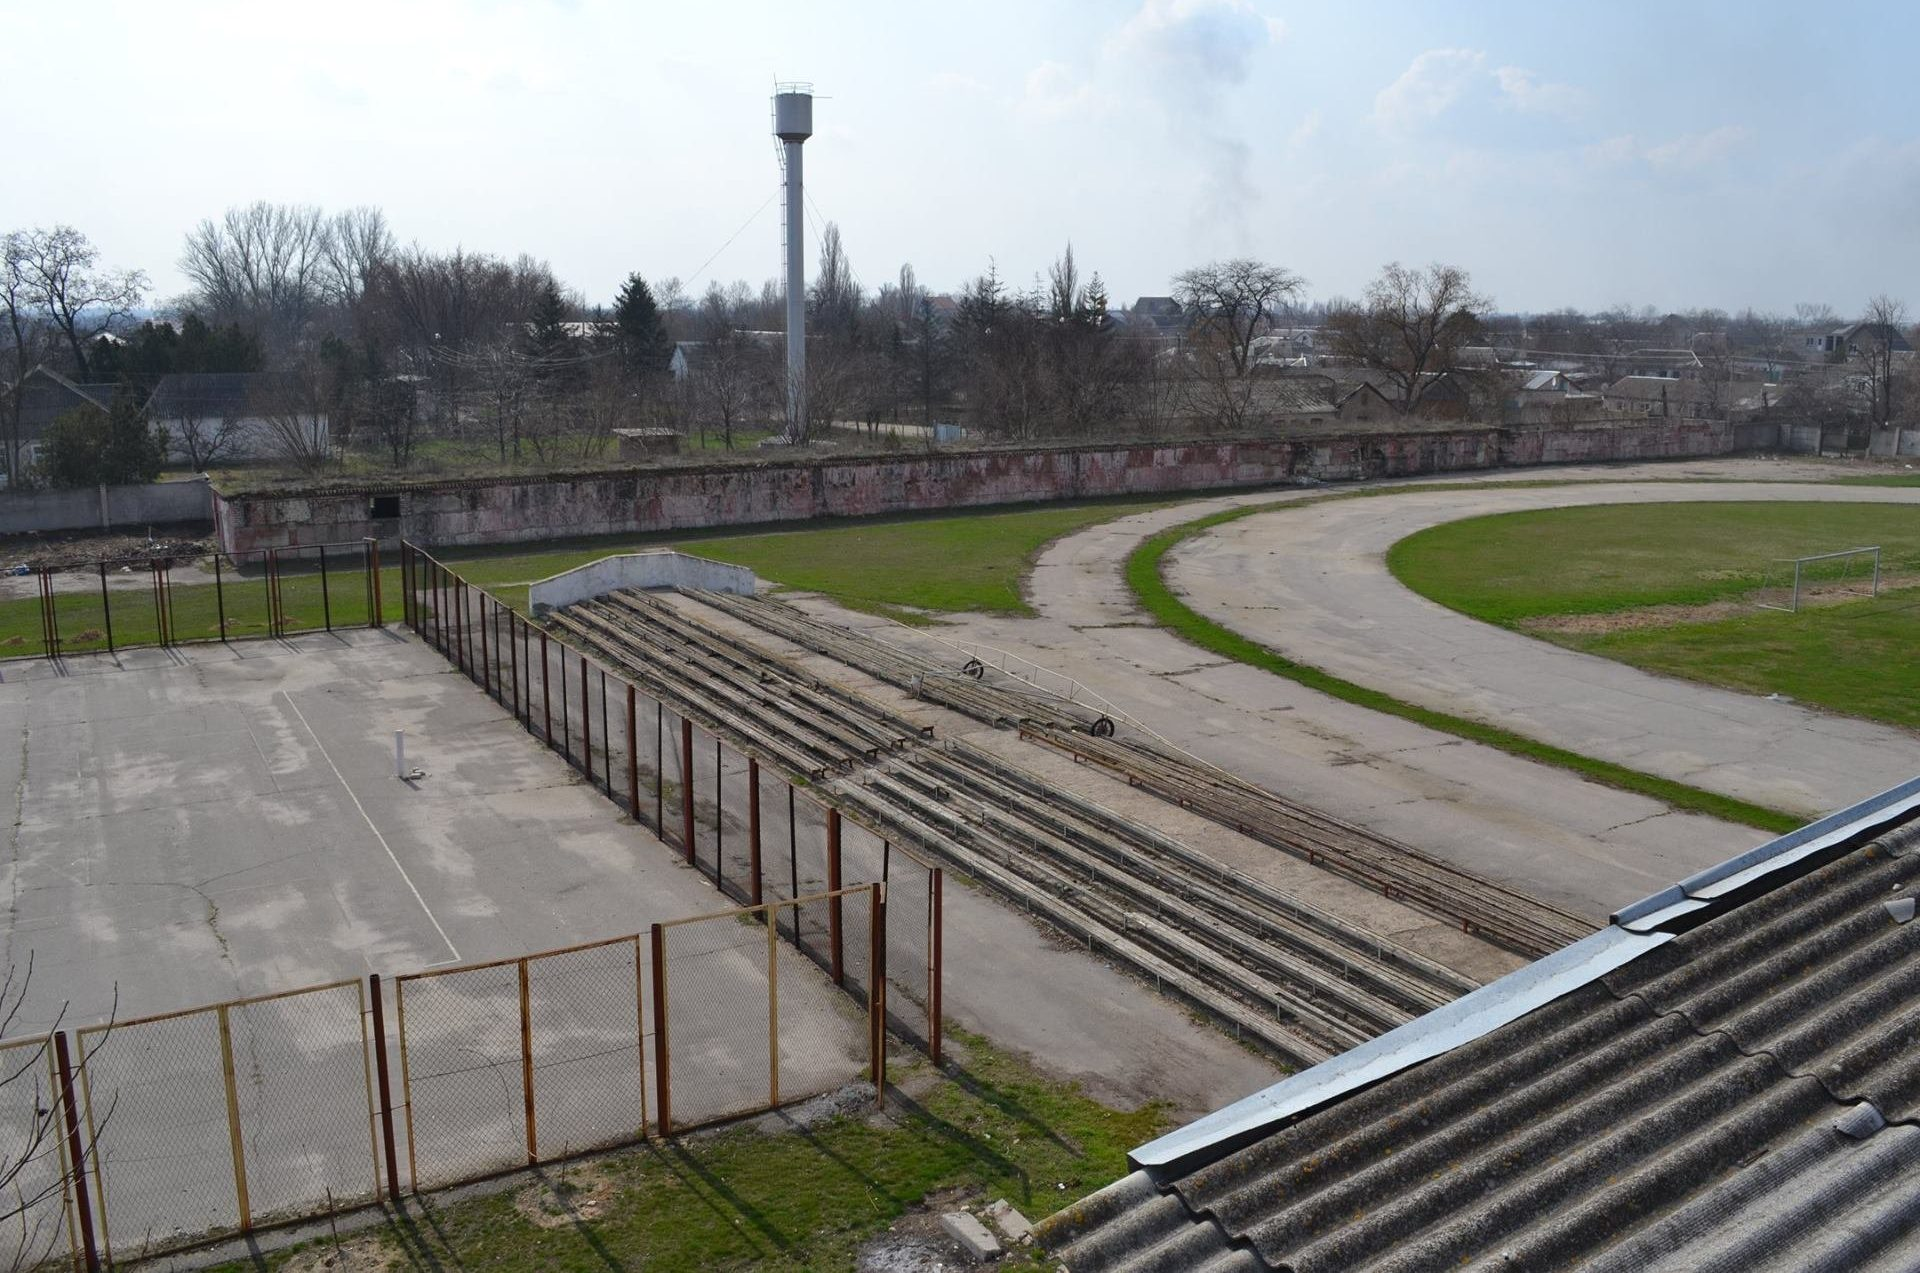 На стадионе «Старт» в Олешках построят искусственное поле, а для натурального — смонтируют систему полива